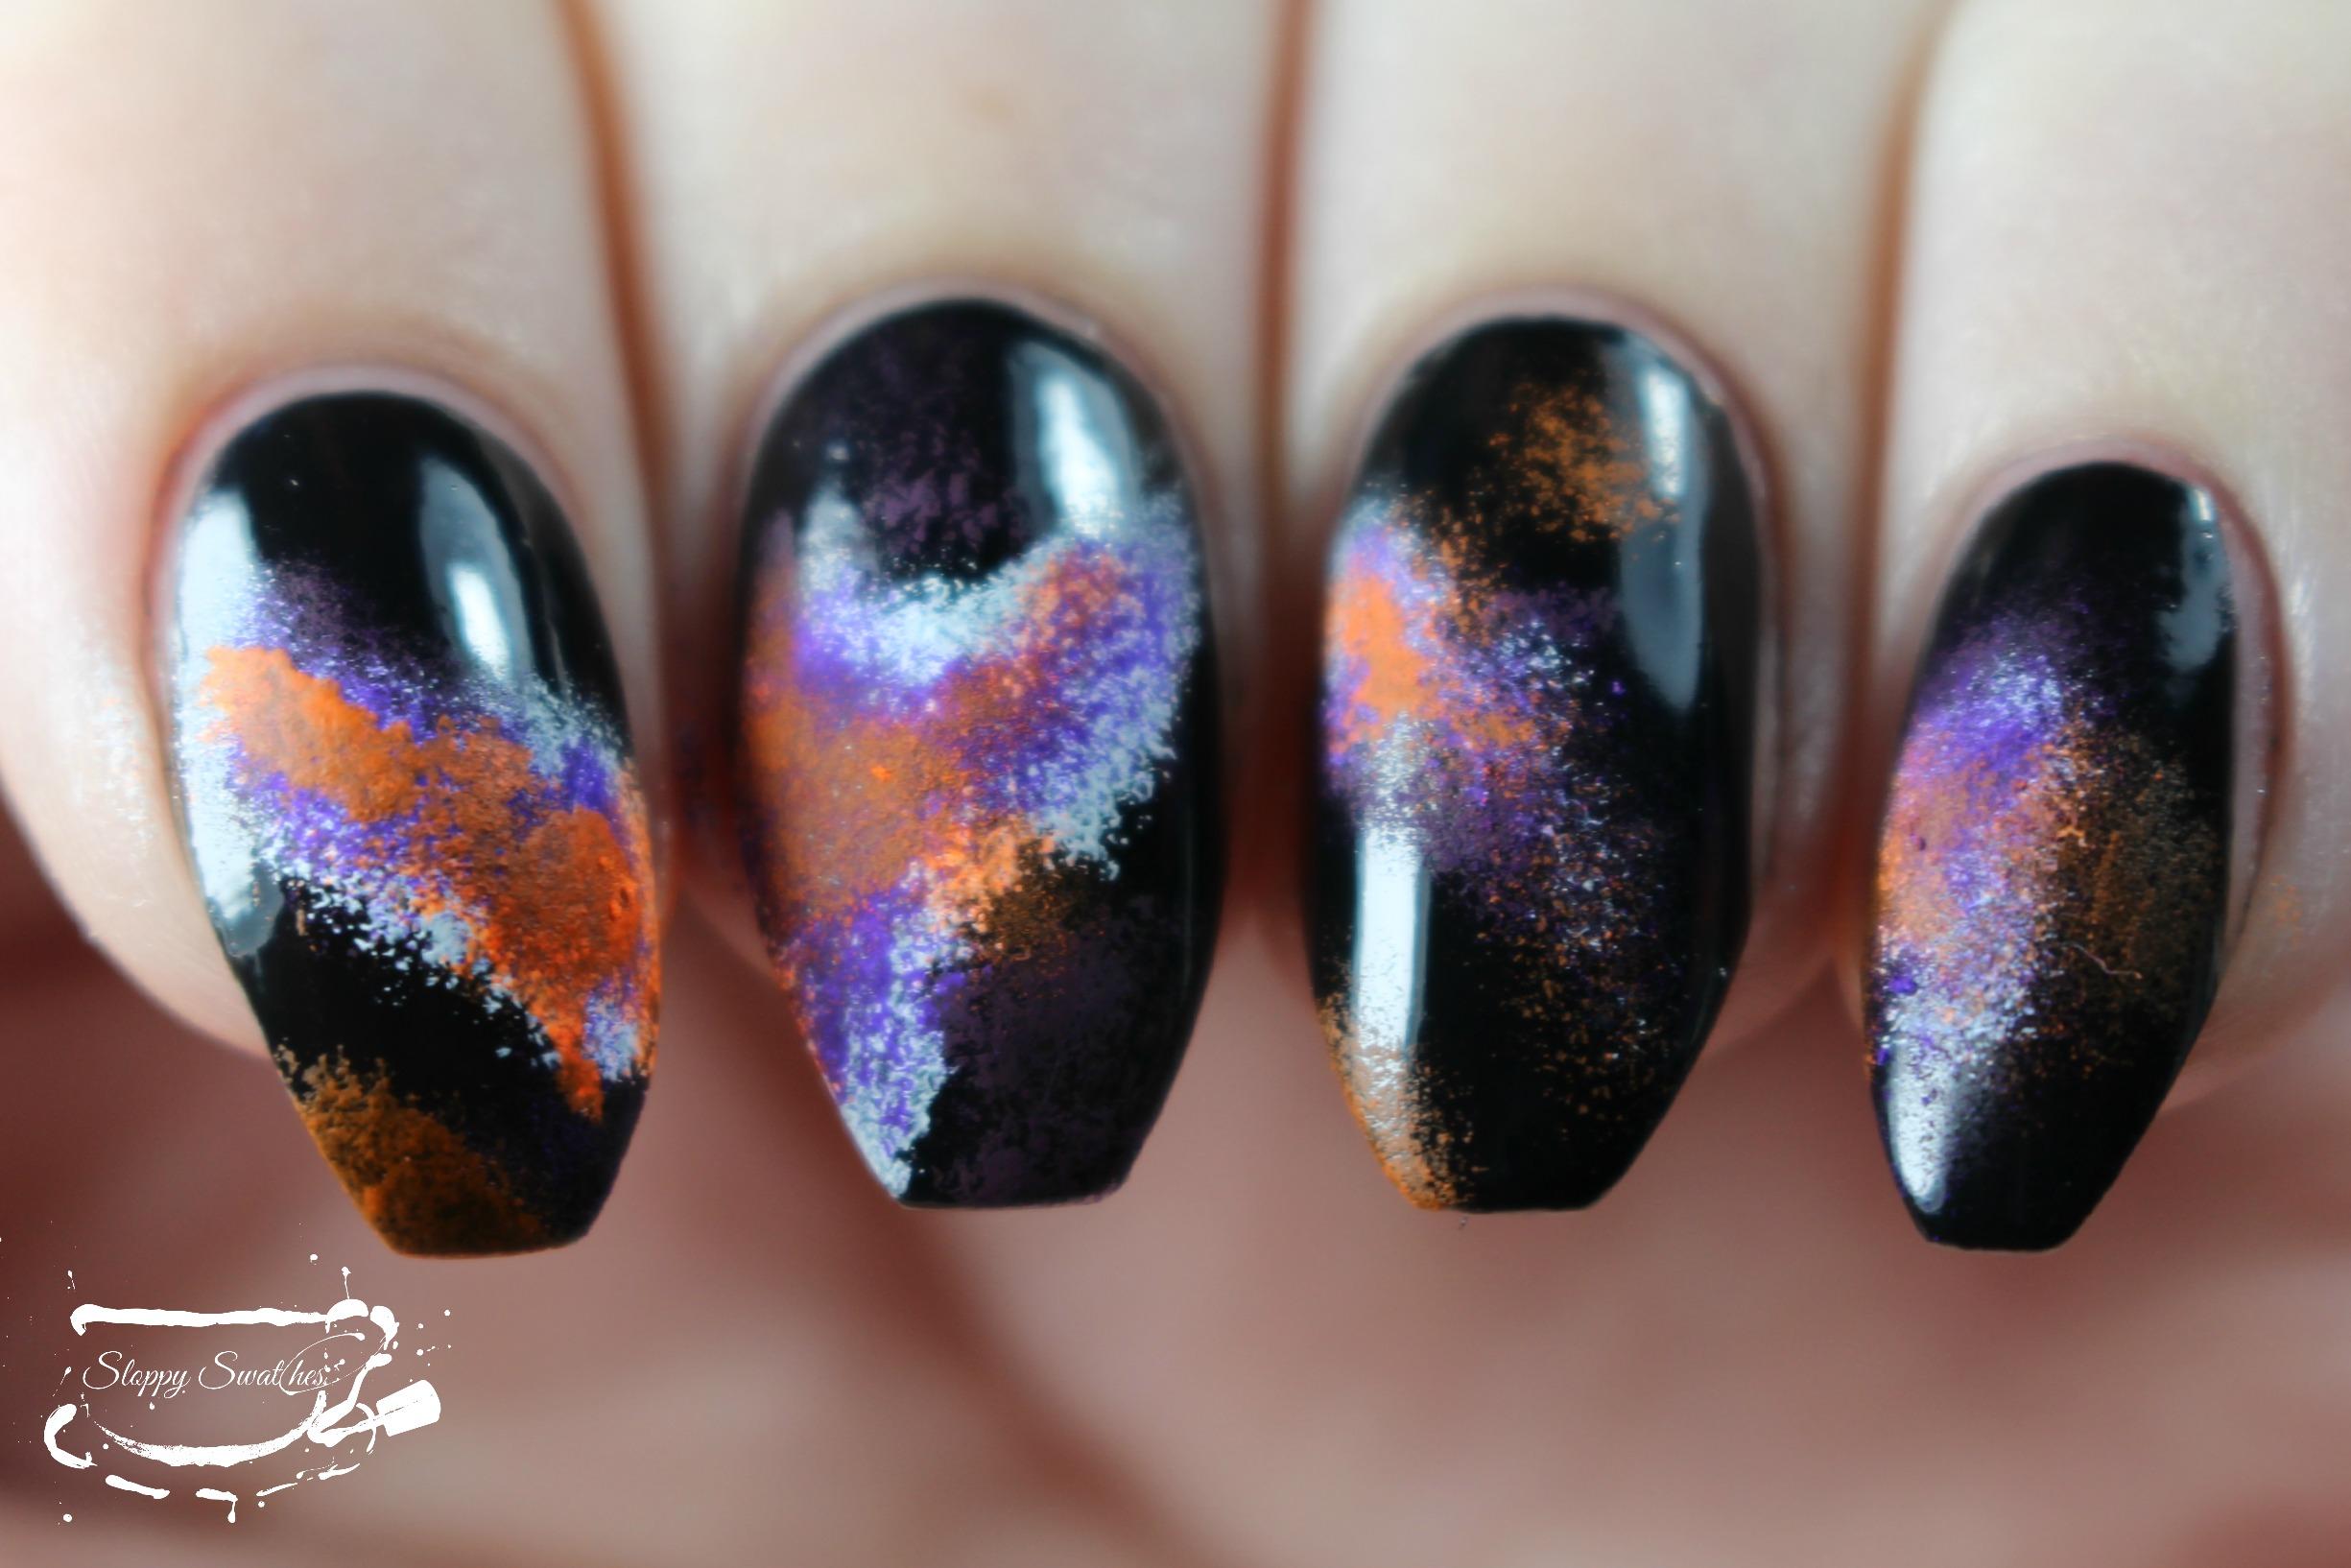 Nailart | WNAC2015 Halloween Galaxy Nails – Nail art and Swatches